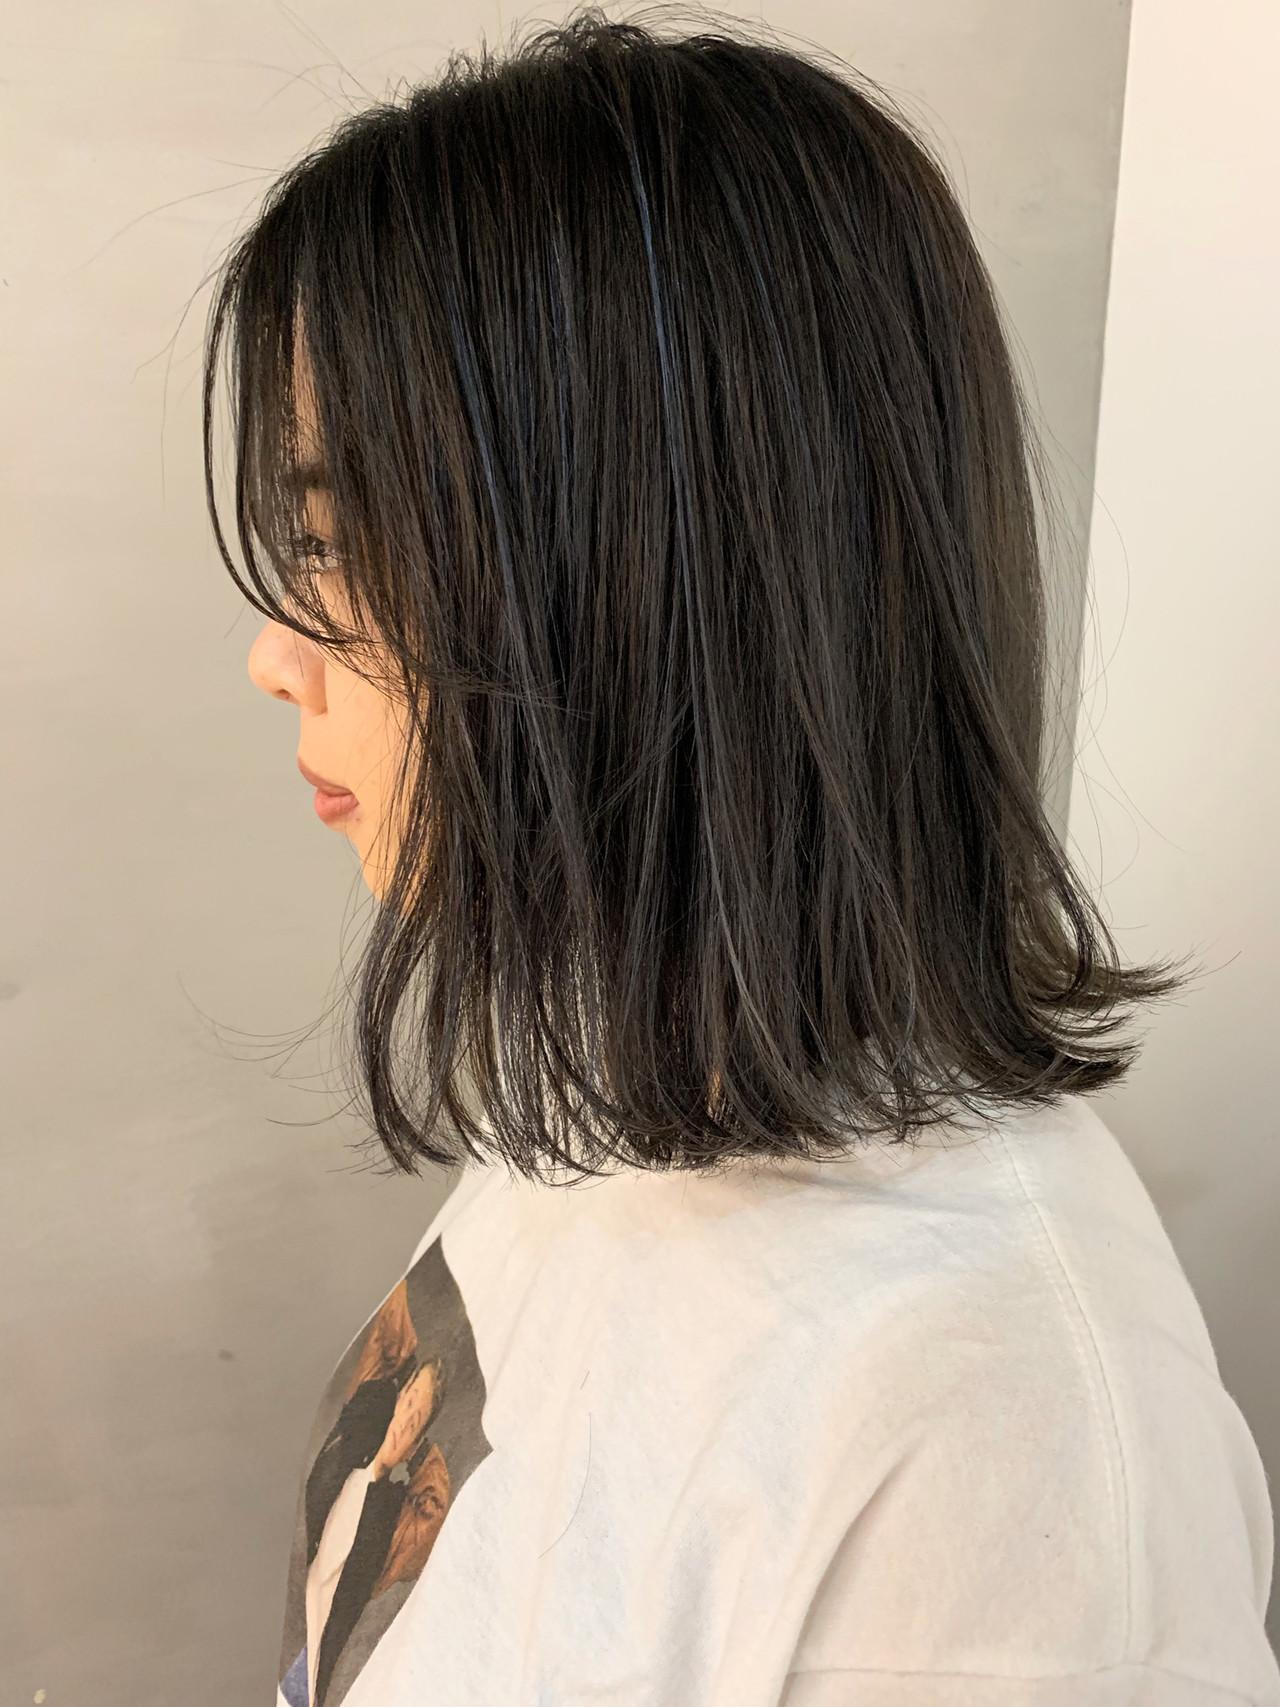 ハイライト ラベンダーアッシュ ブルージュ ボブ ヘアスタイルや髪型の写真・画像